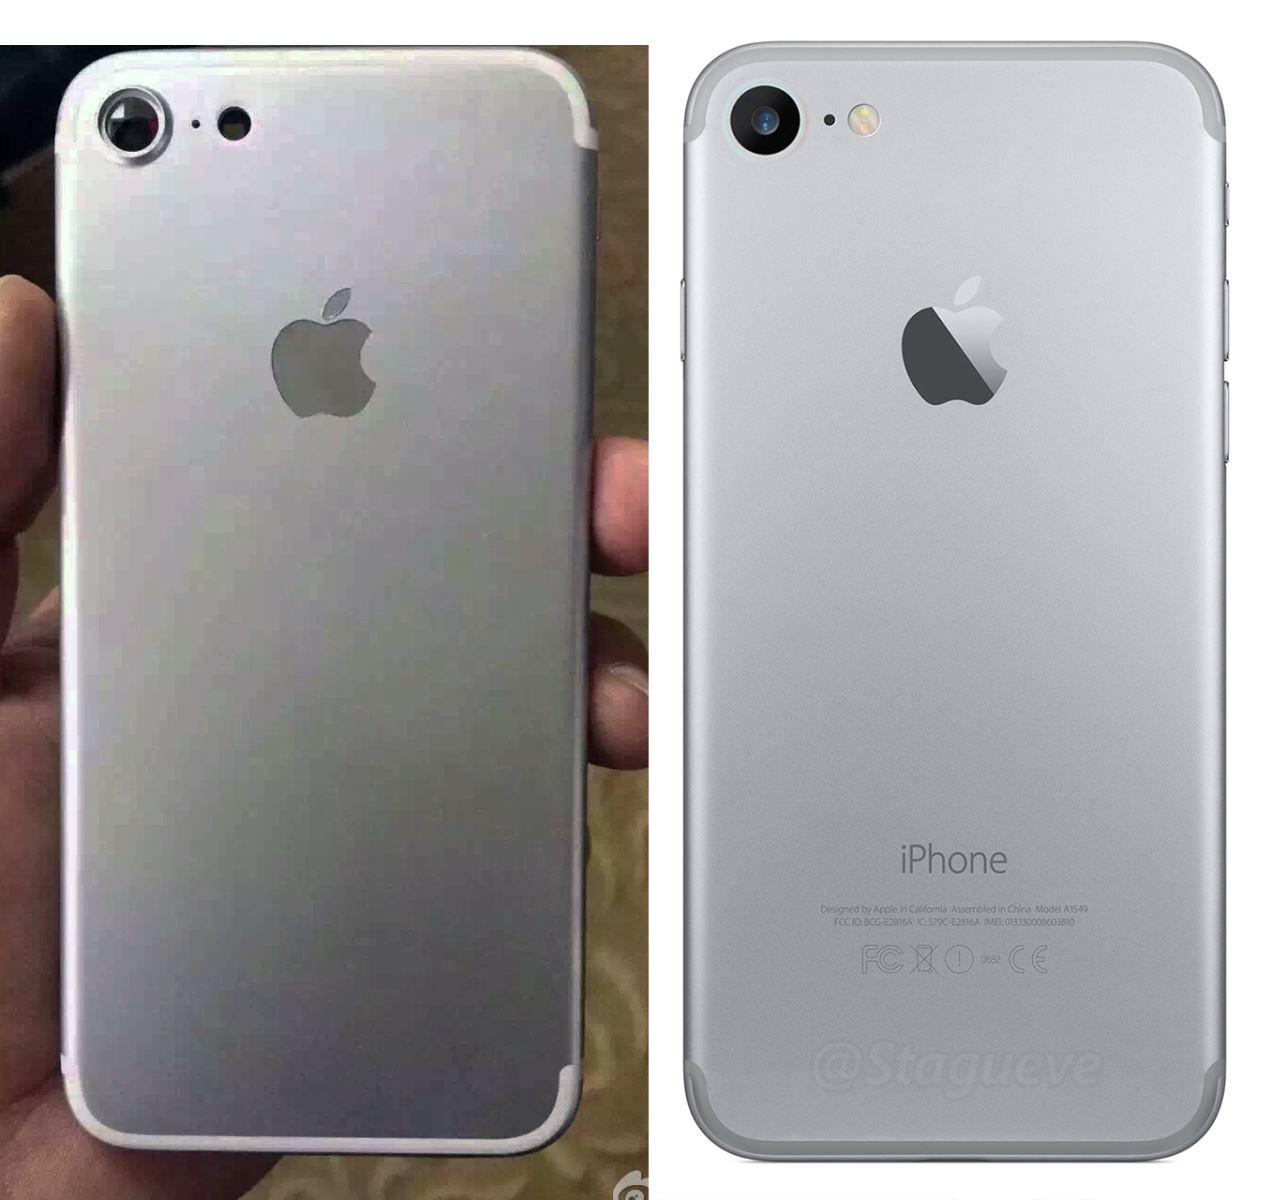 iPhone 7 chưa ra, tại sao thông tin iPhone 8 đã rò rỉ liên tục? 1